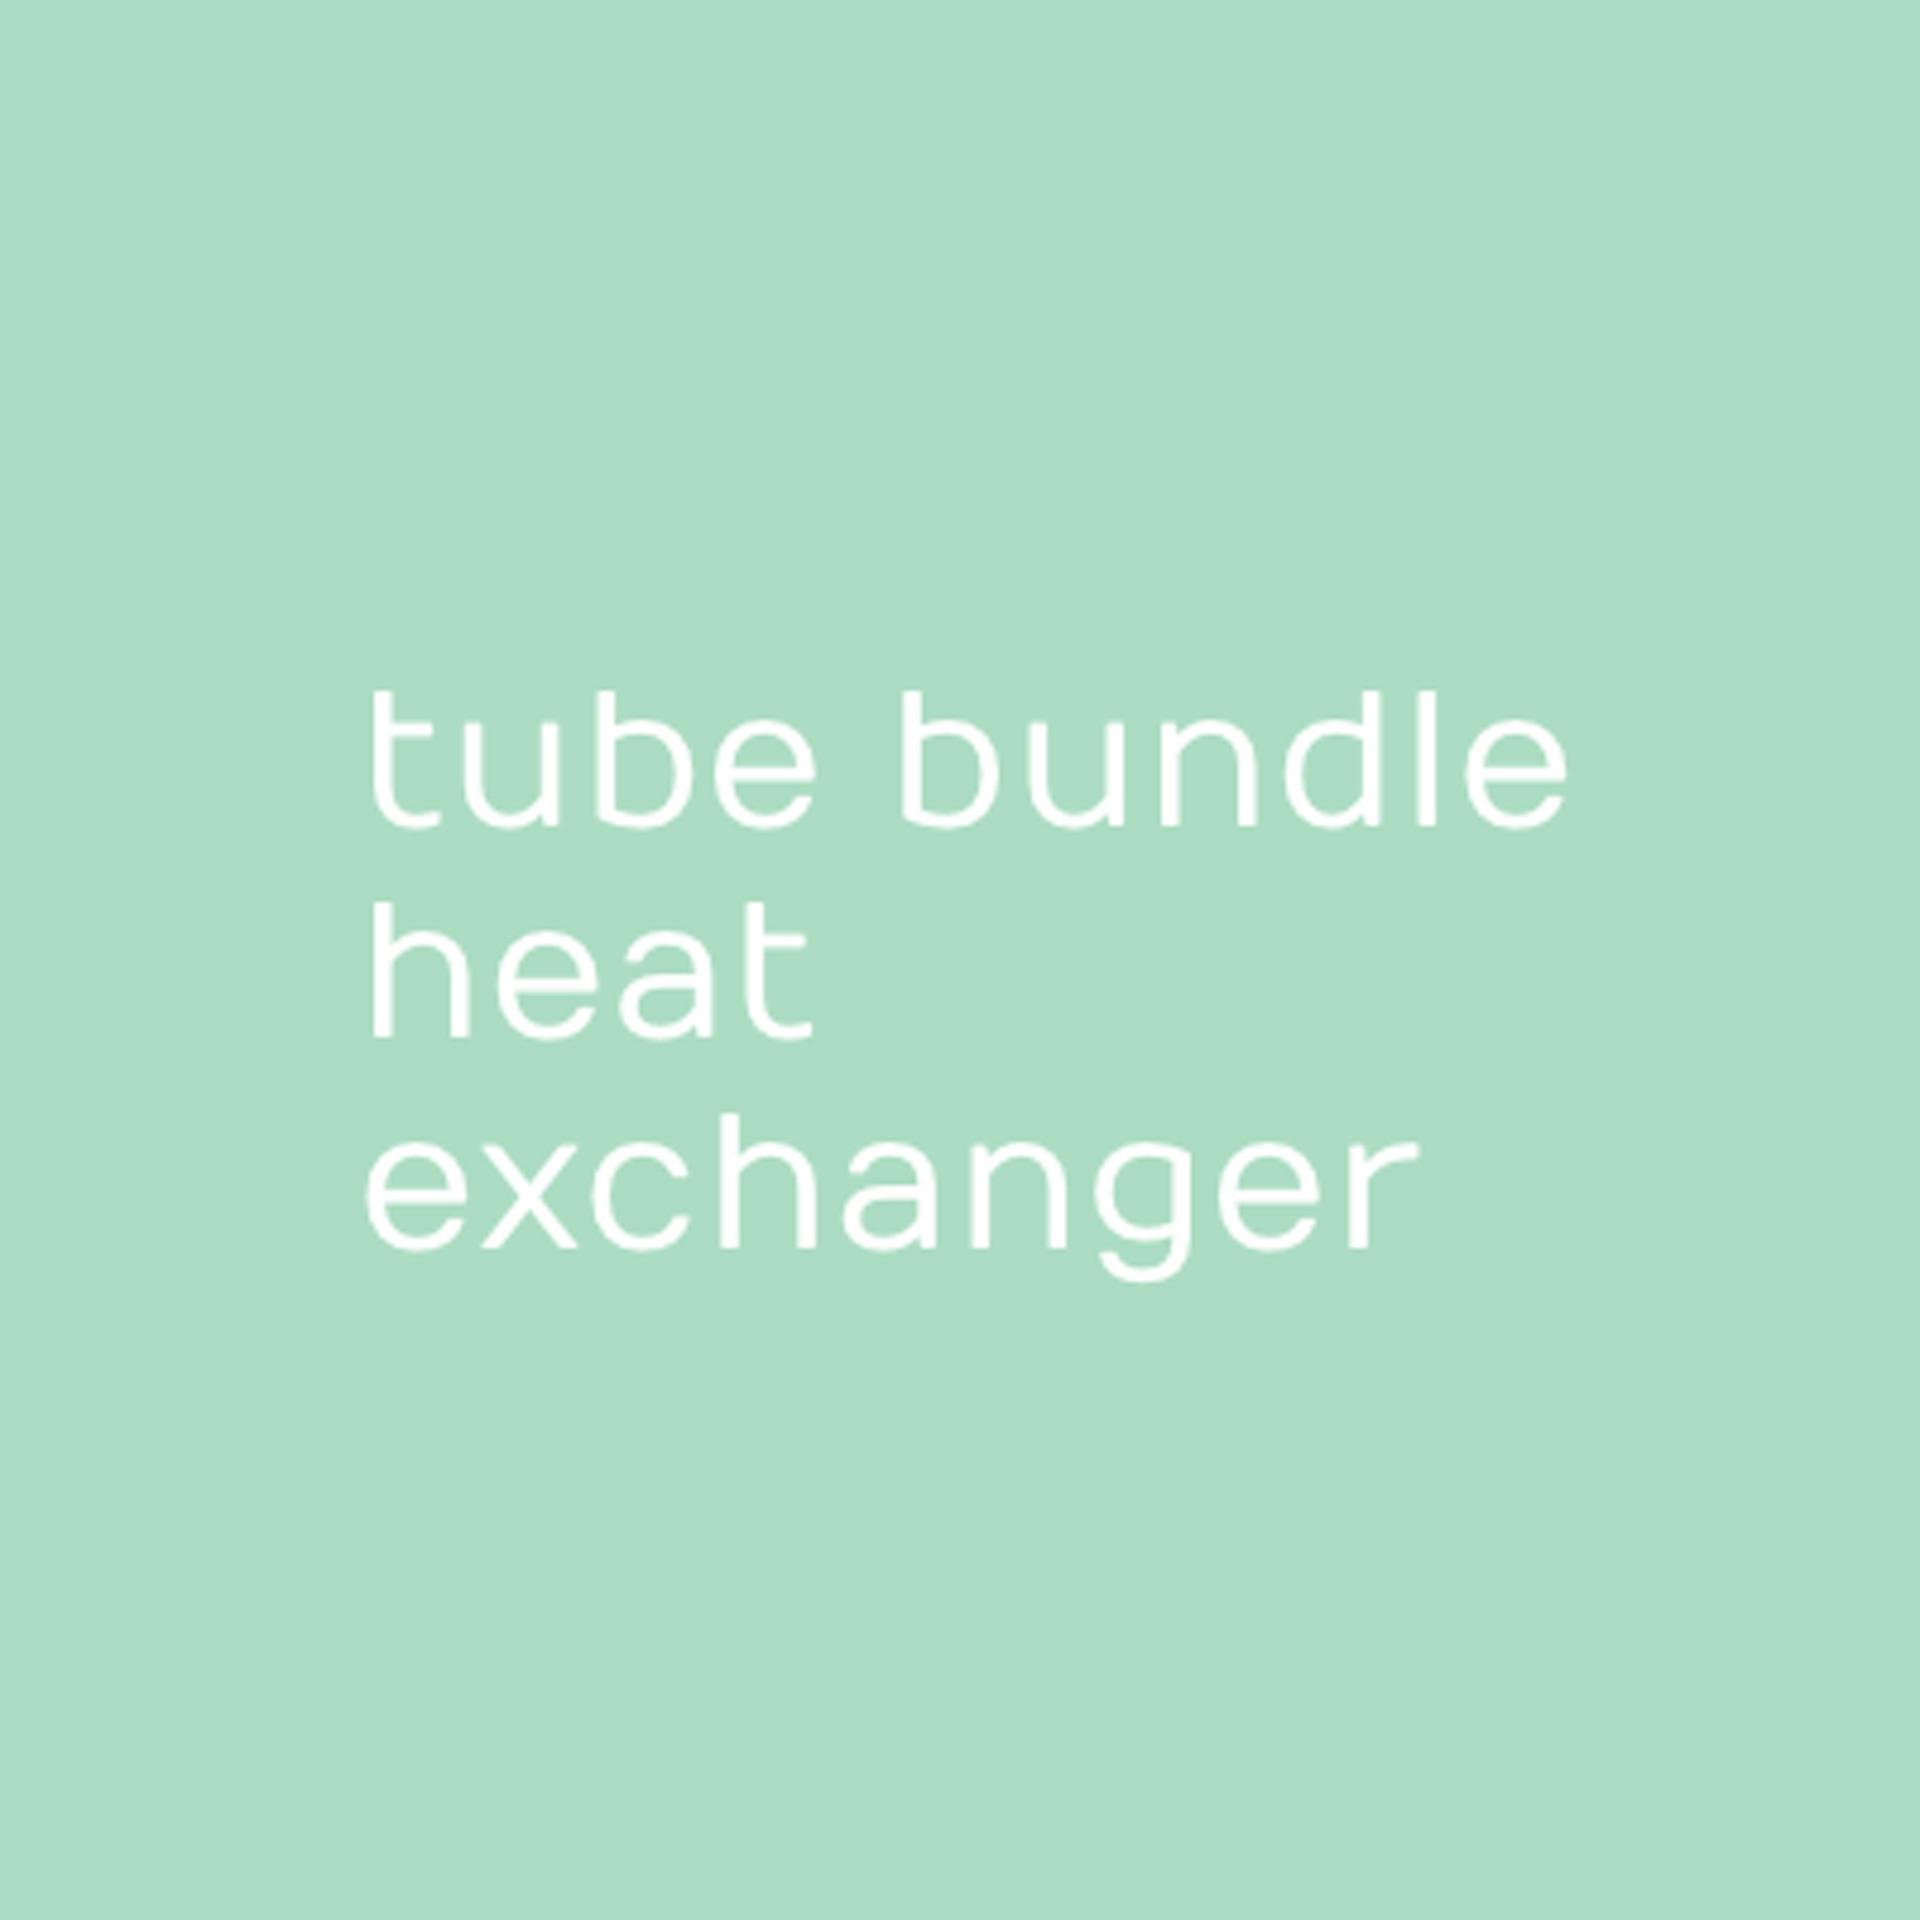 GWA_tube_bundle_heat_exchanger_Gesellschaft_fuer_Waerme_und_Anlagentechnik_mbH_monochrom